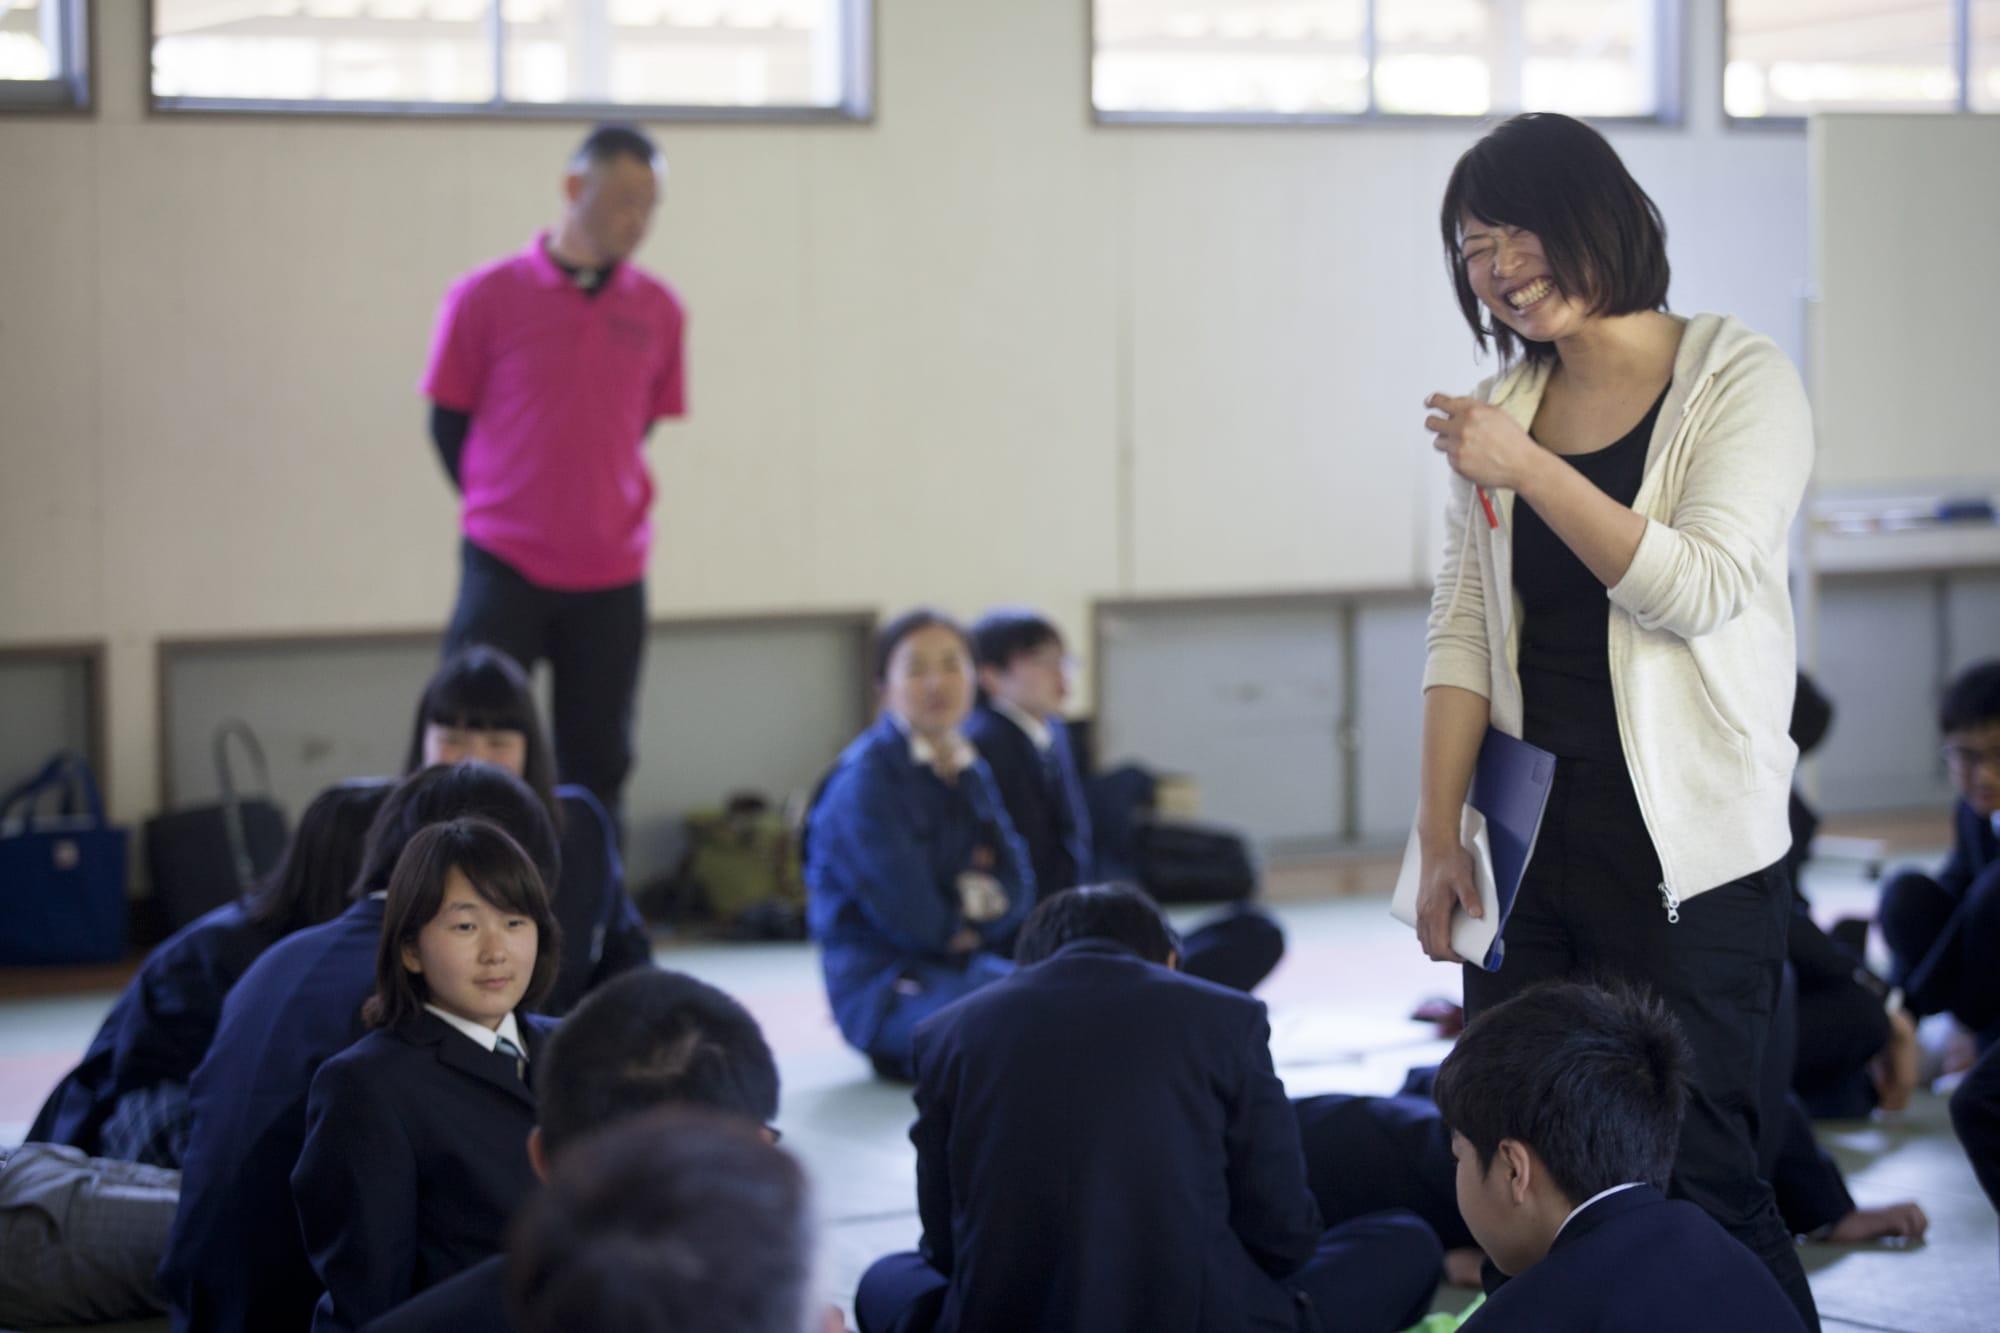 森山さんにとって生徒たちは「いとこくらい」の関係。「先生」ではなく「森山さん」と呼ばれています。